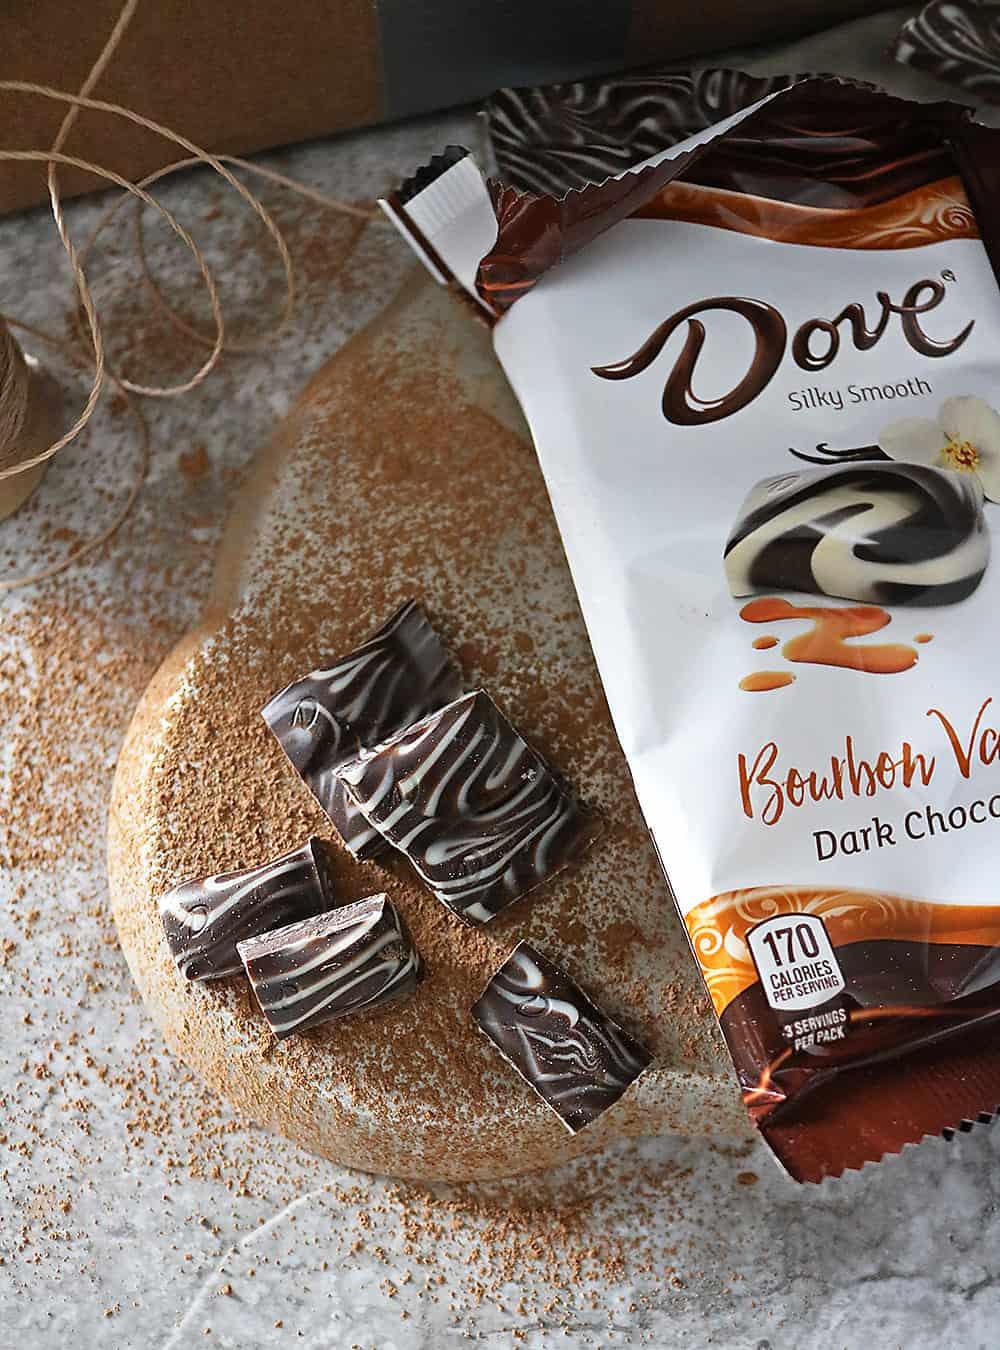 Delicious NEW DOVE Bourbon Vanilla Chocolate Bar.